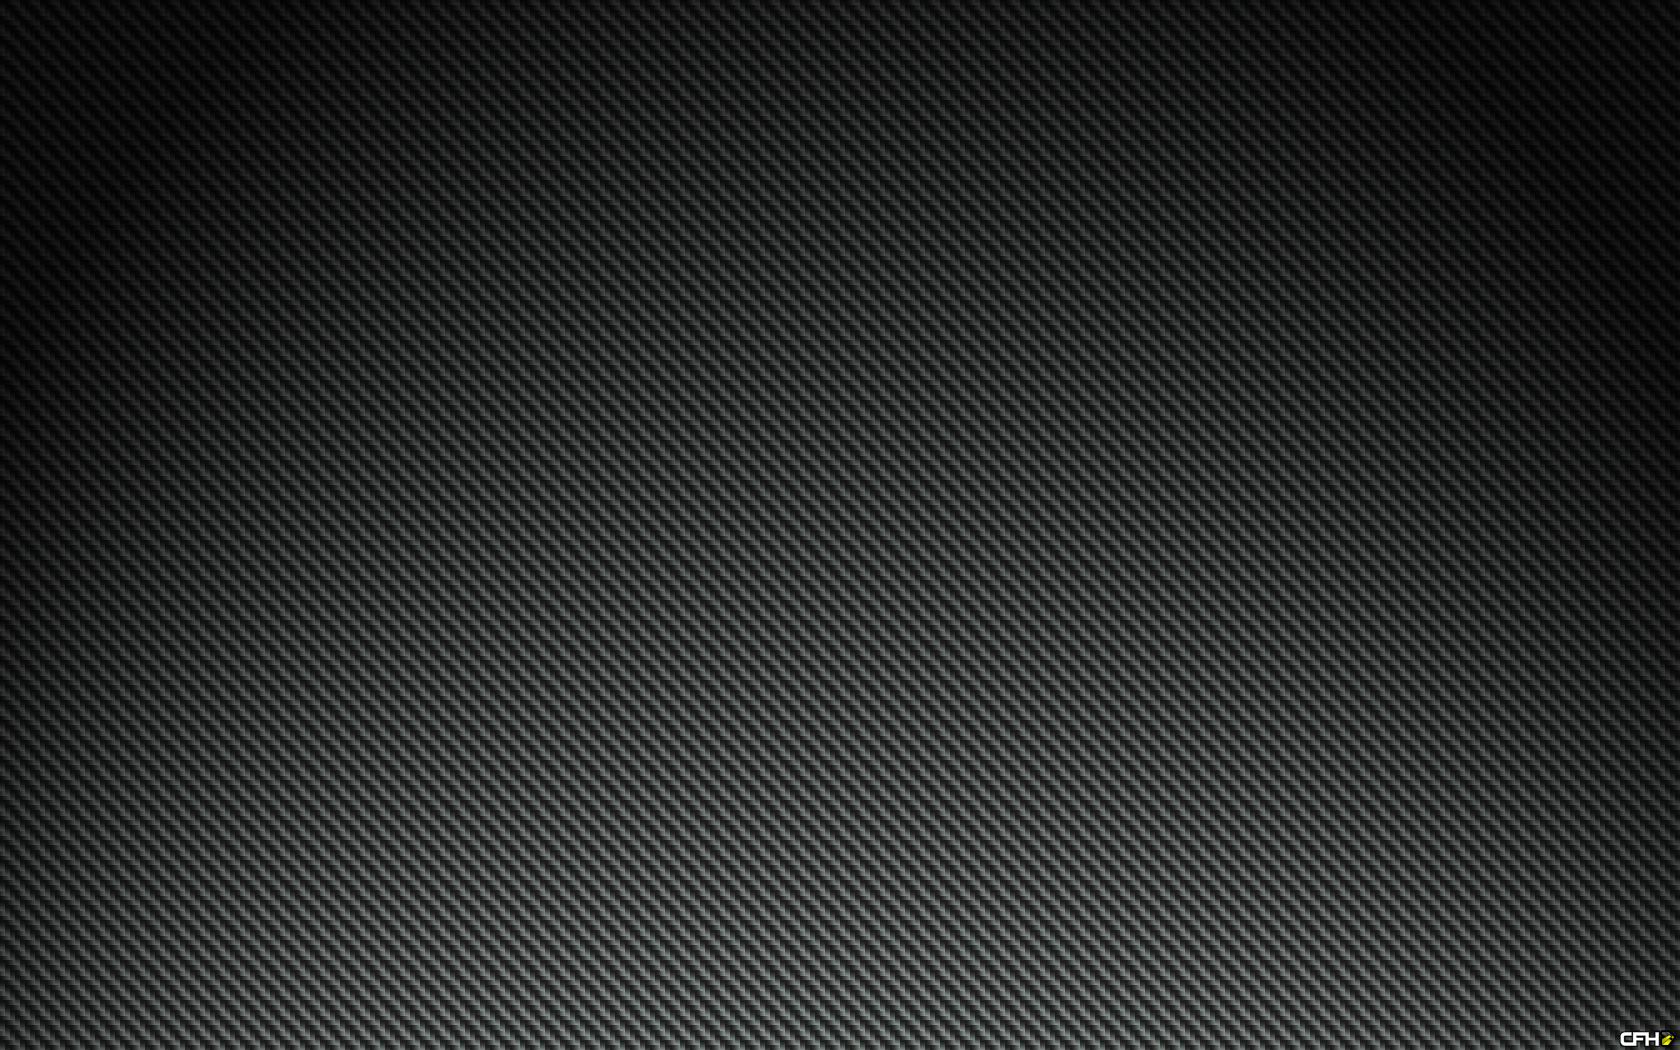 full black carbon fiber